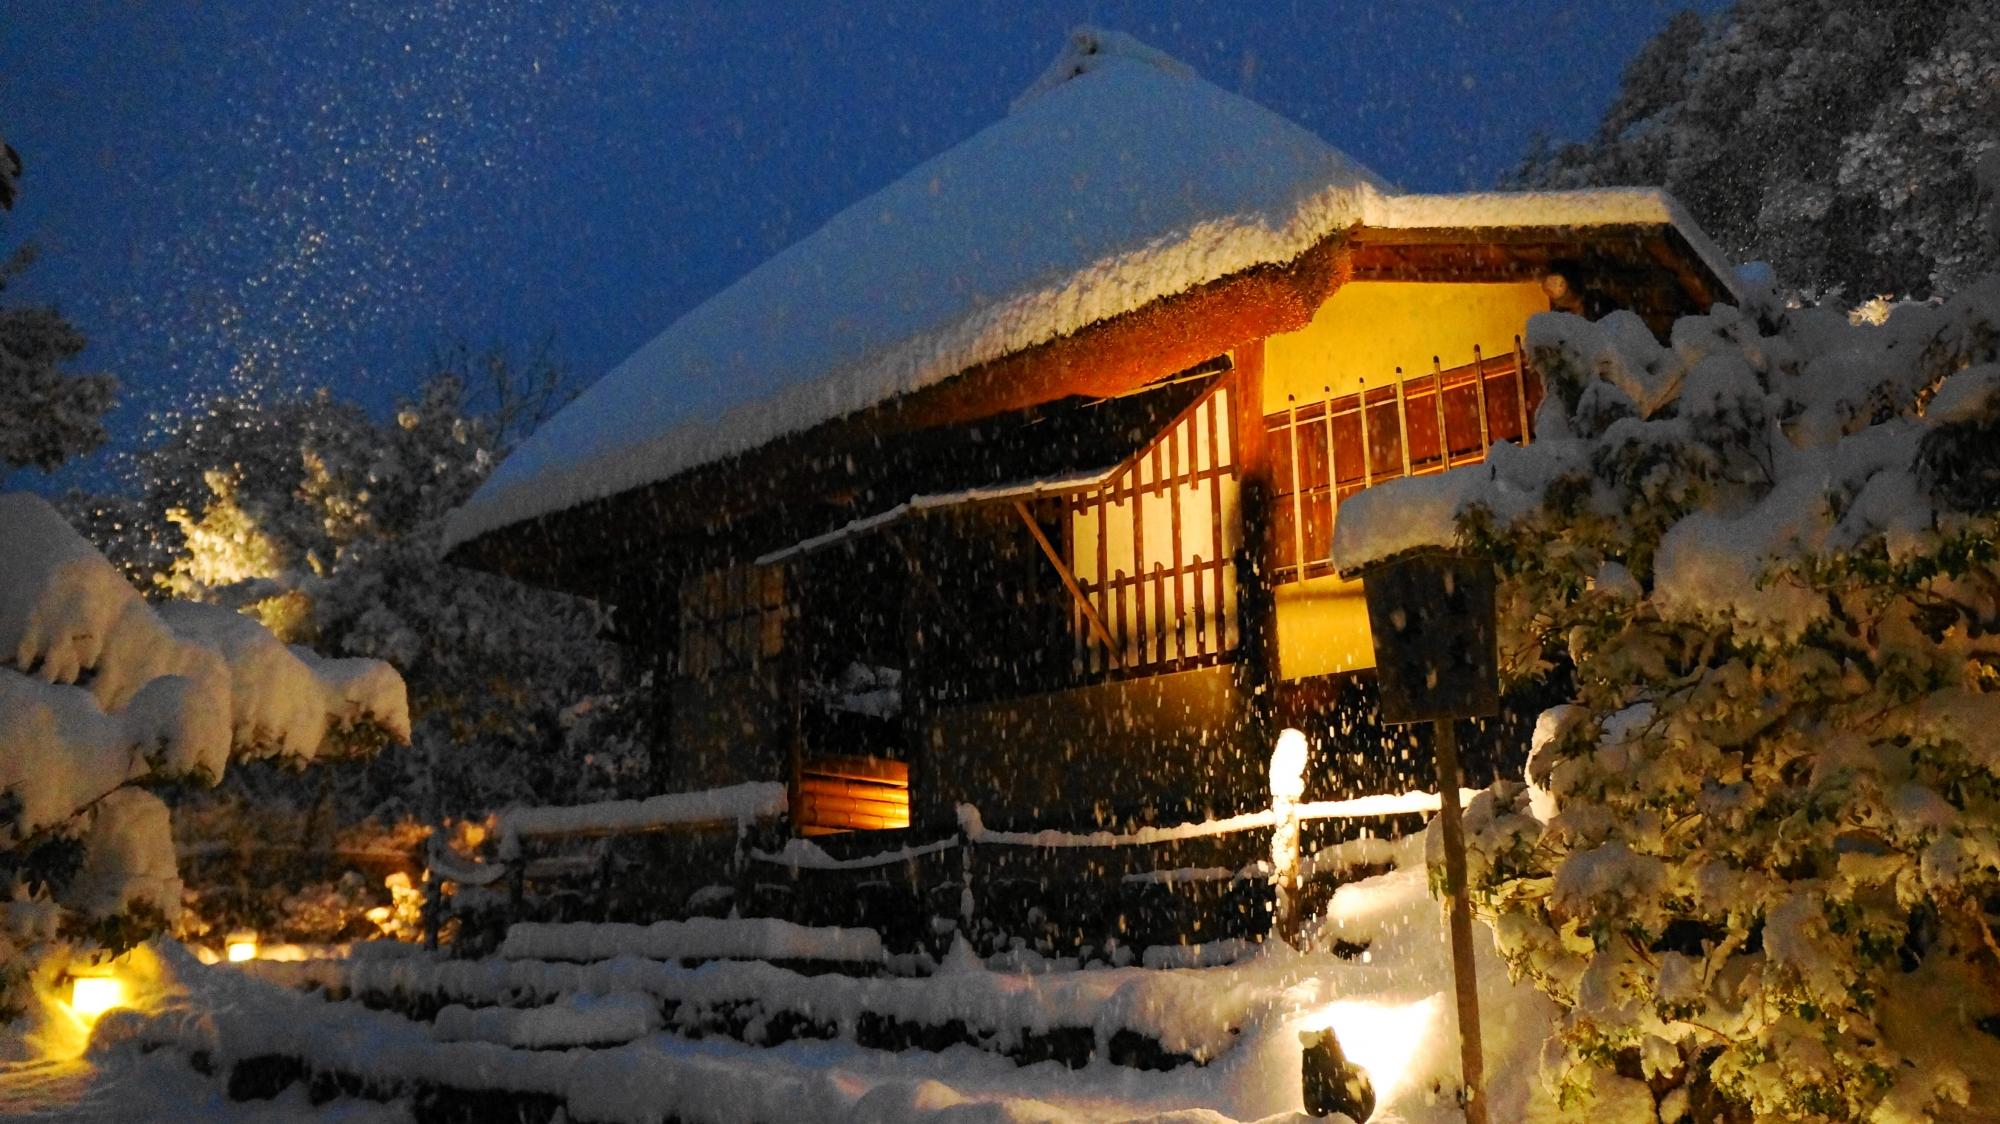 高台寺の傘亭の雪景色